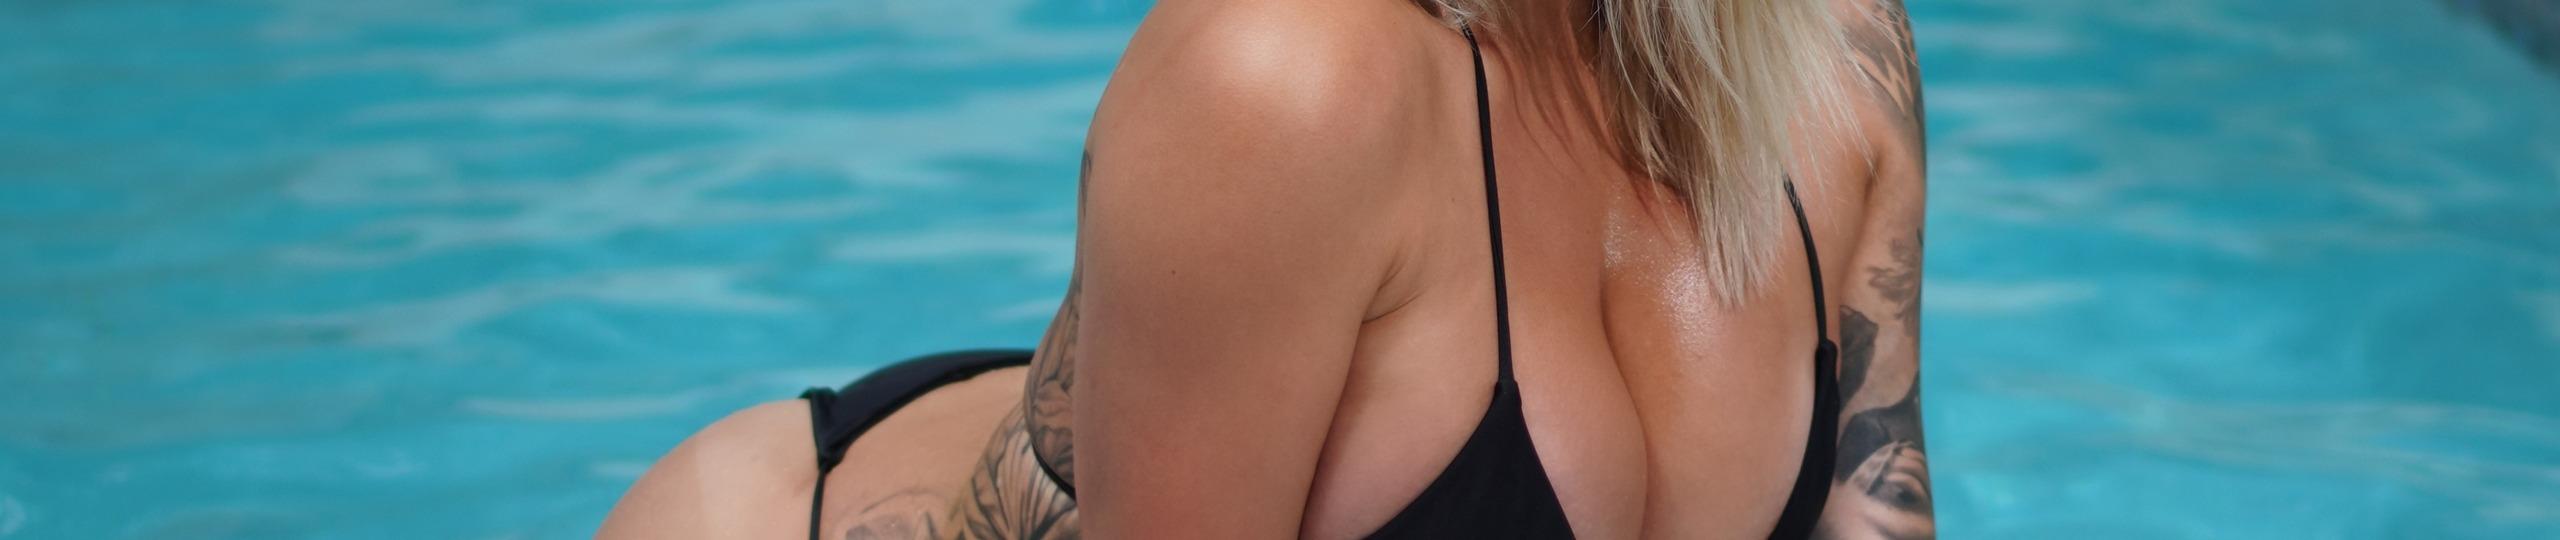 BumPop - profile image